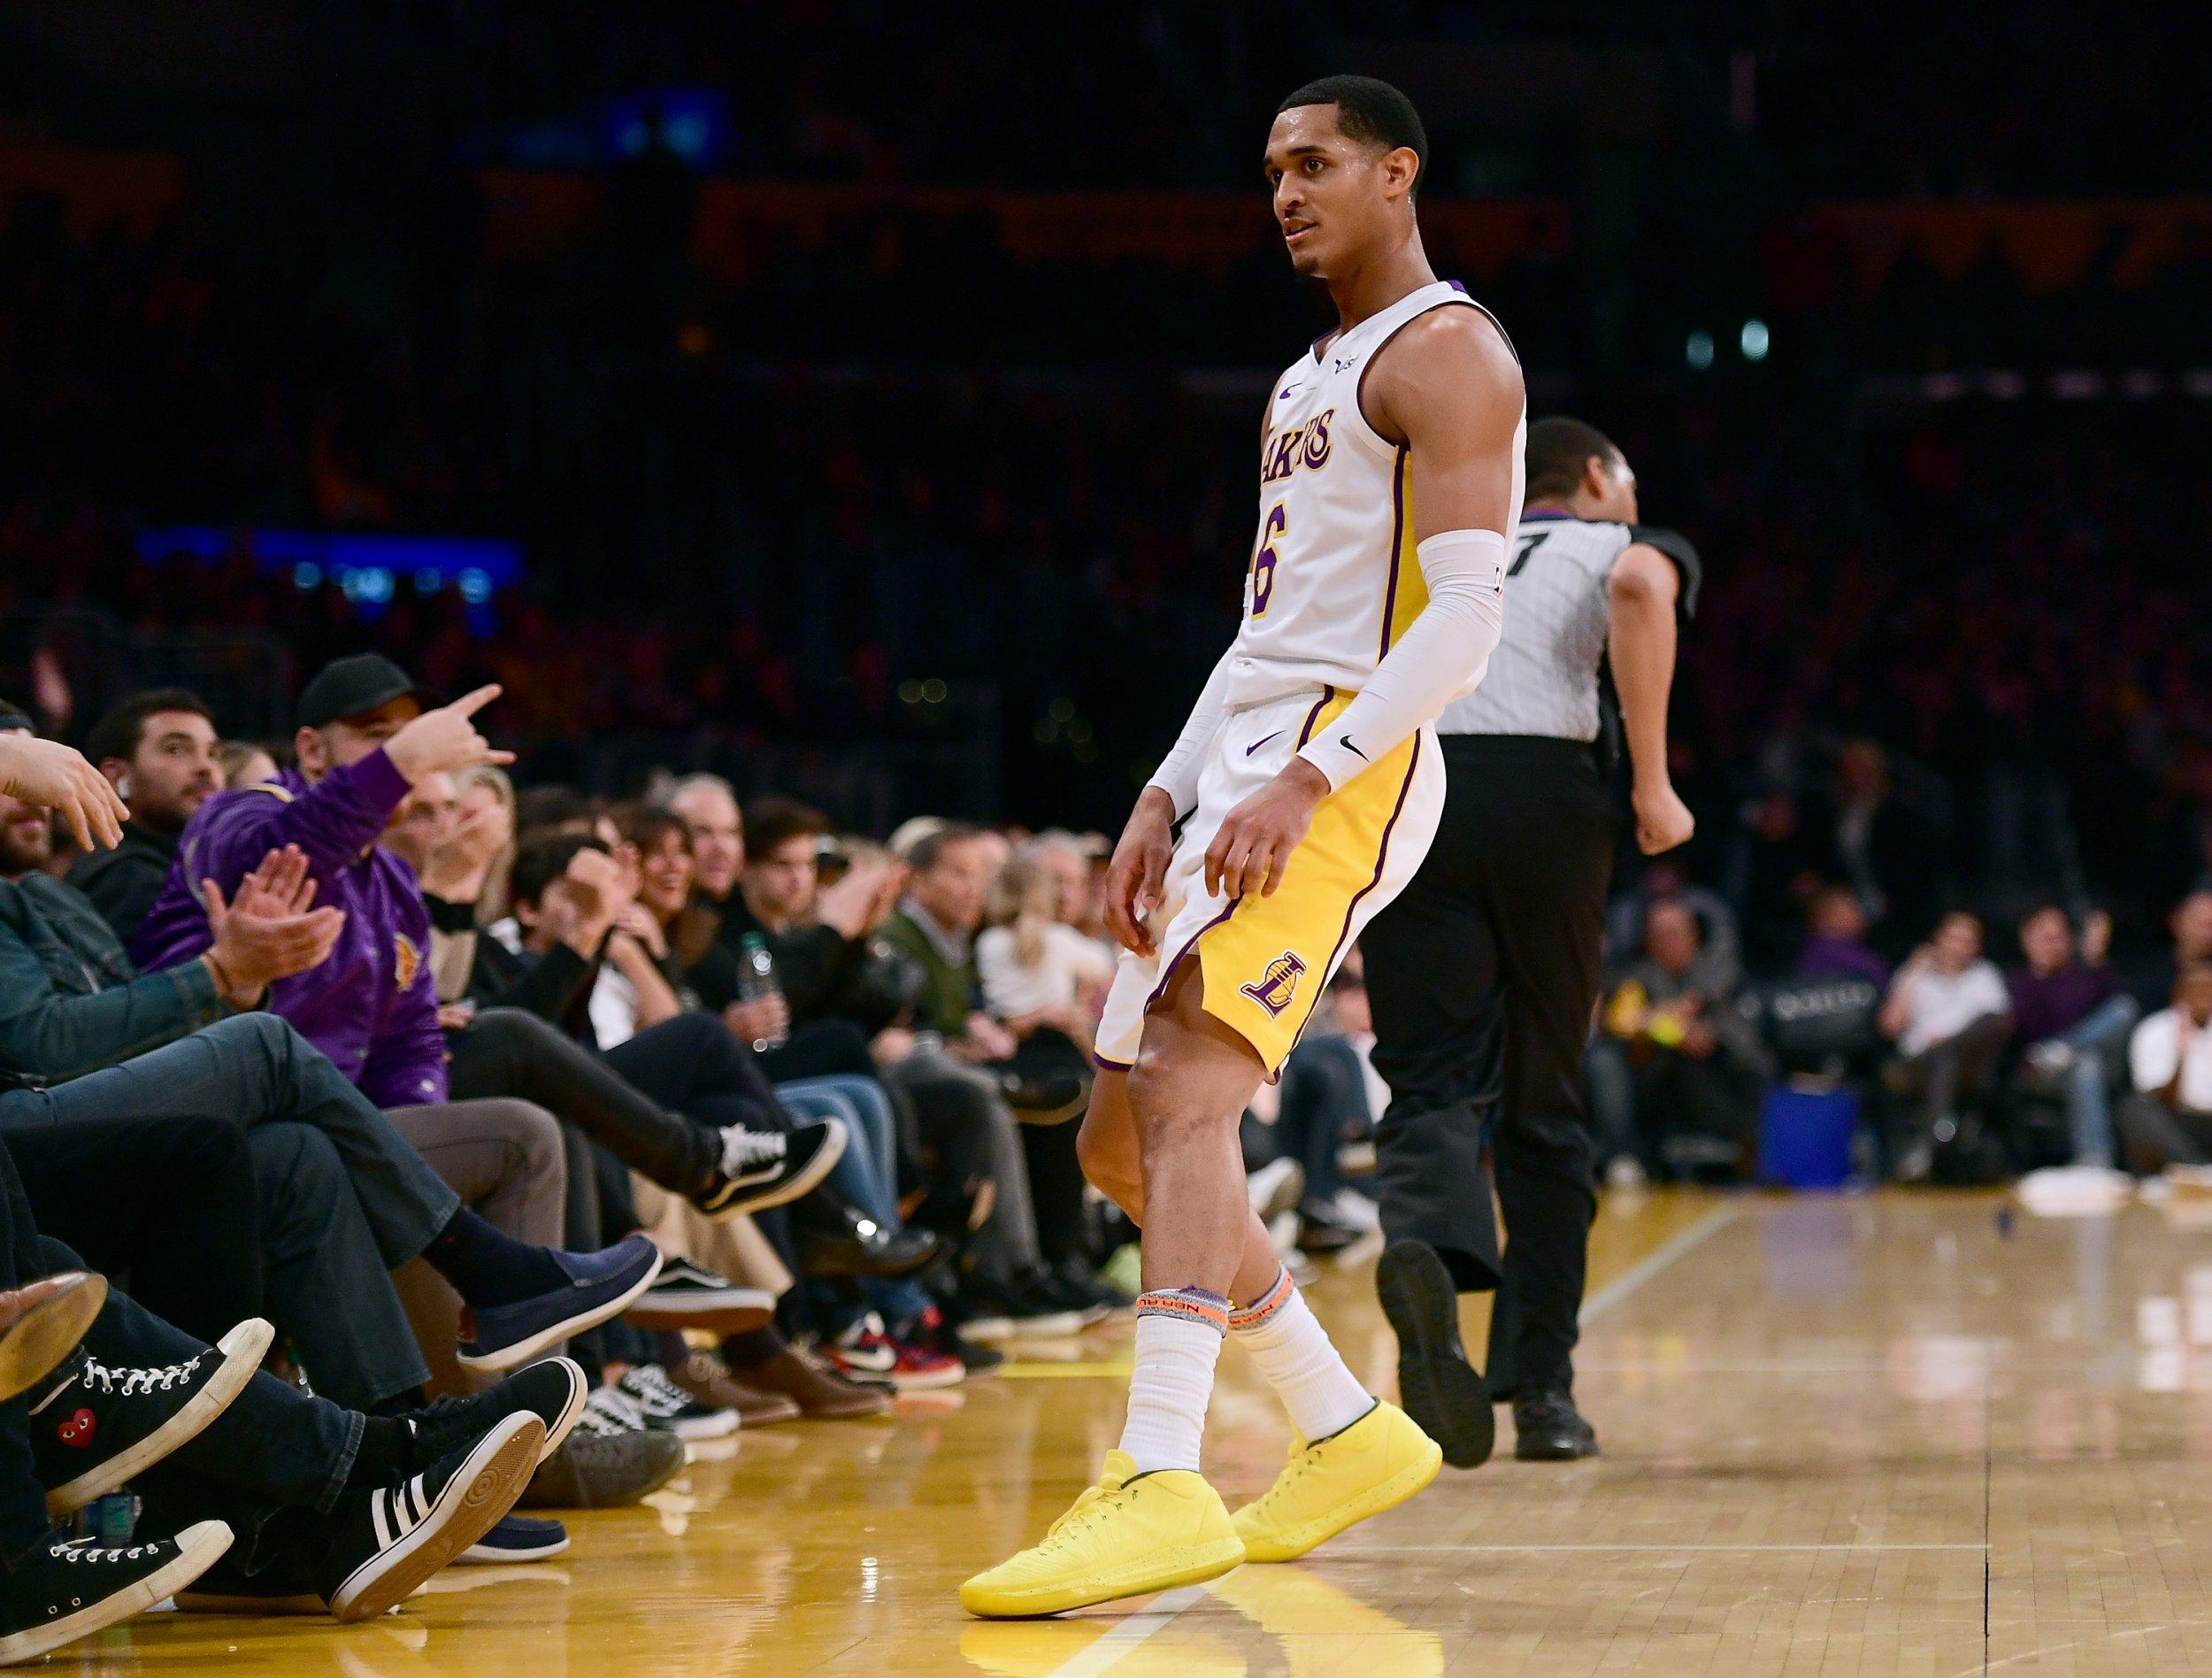 Lakers guard Jordan Clarkson.